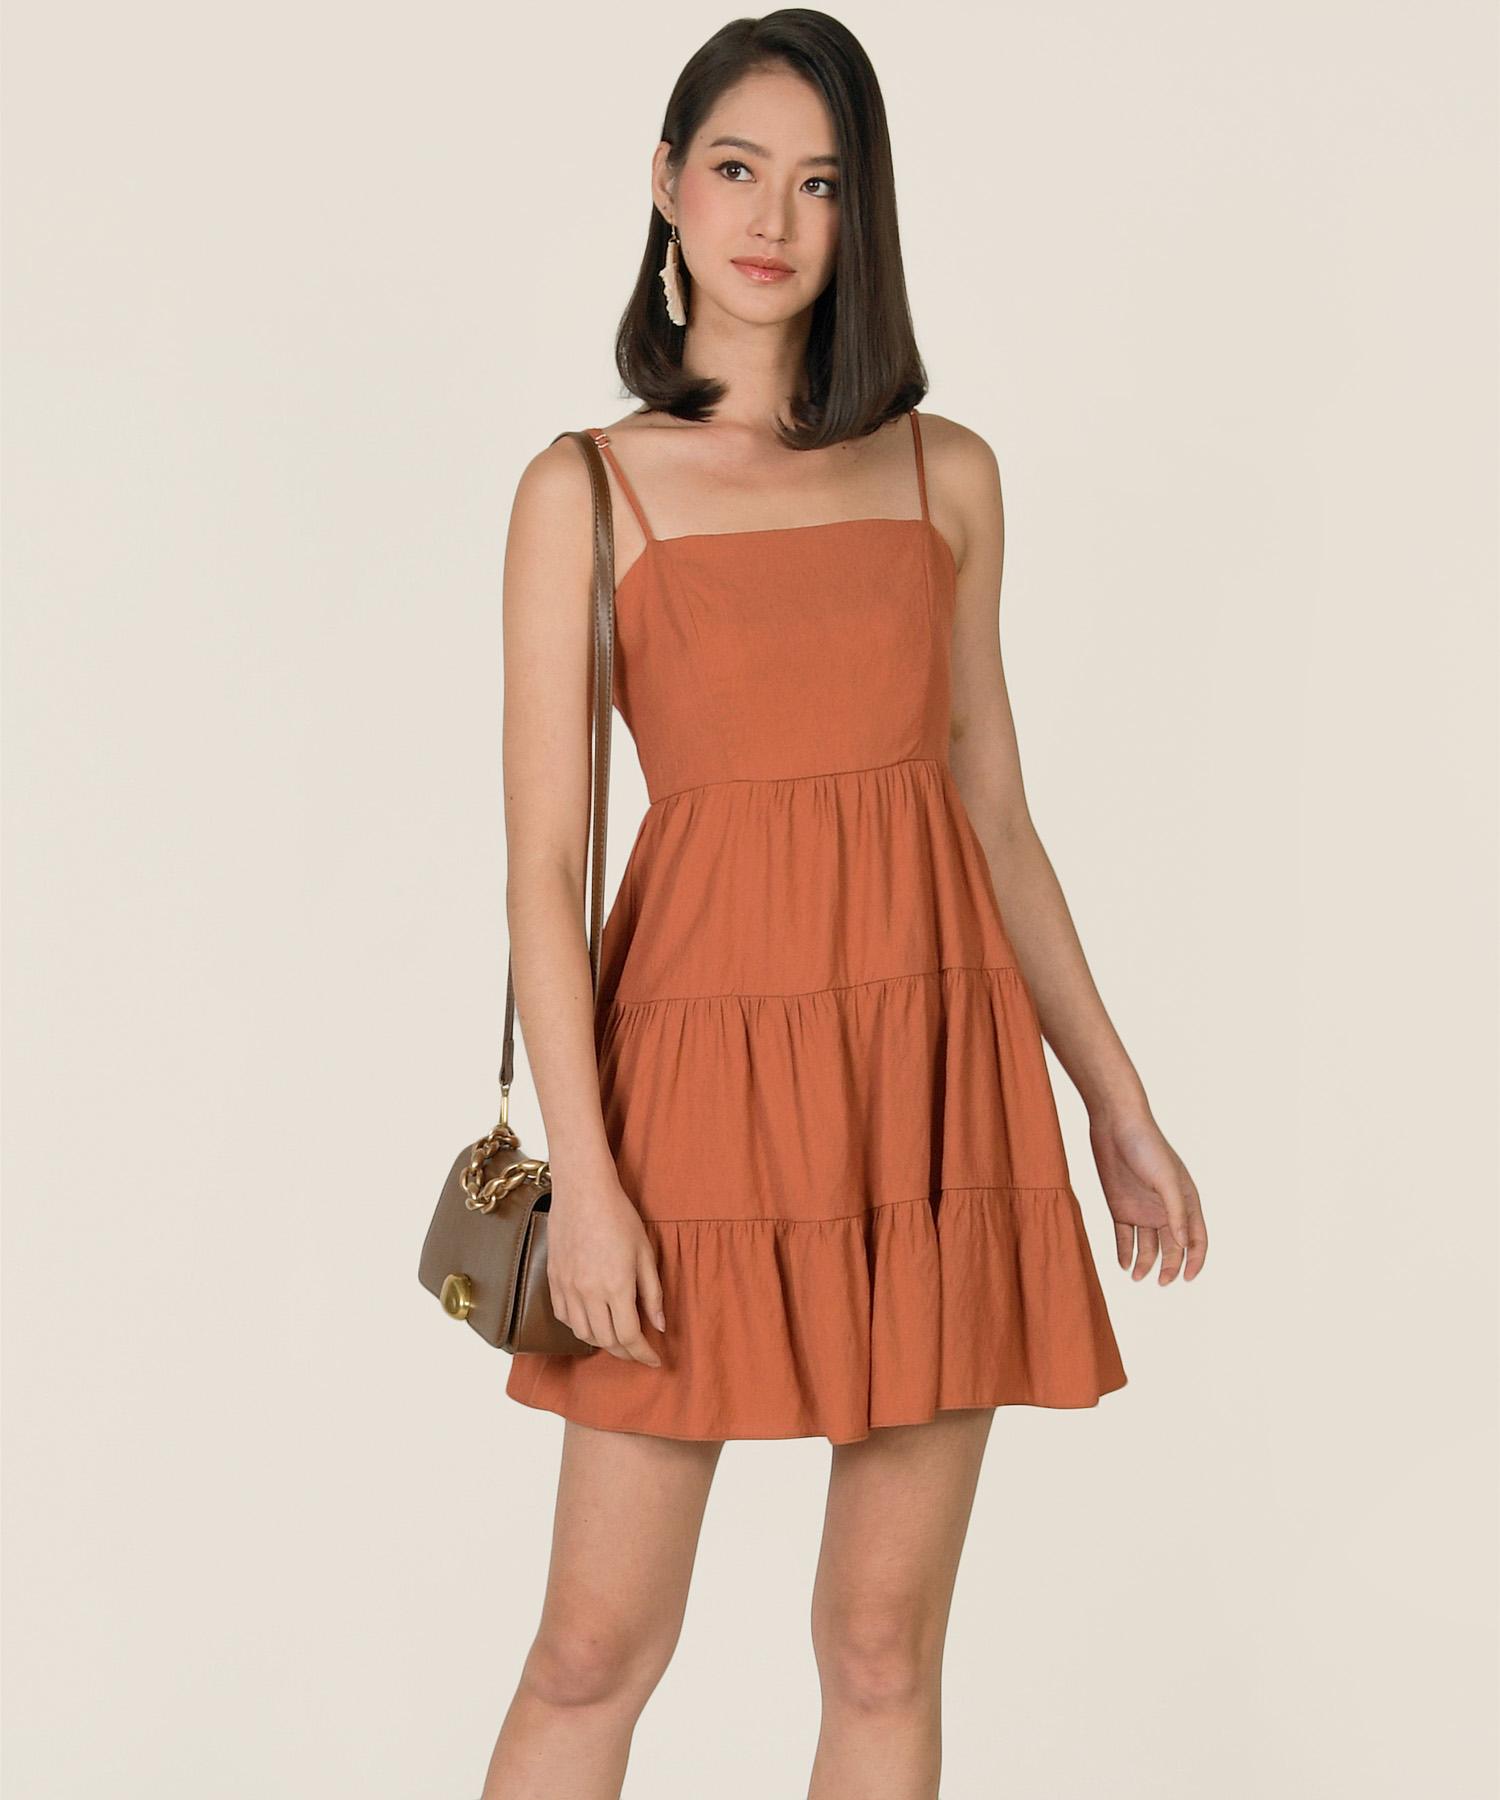 castella-linen-tiered-dress-terracotta-1